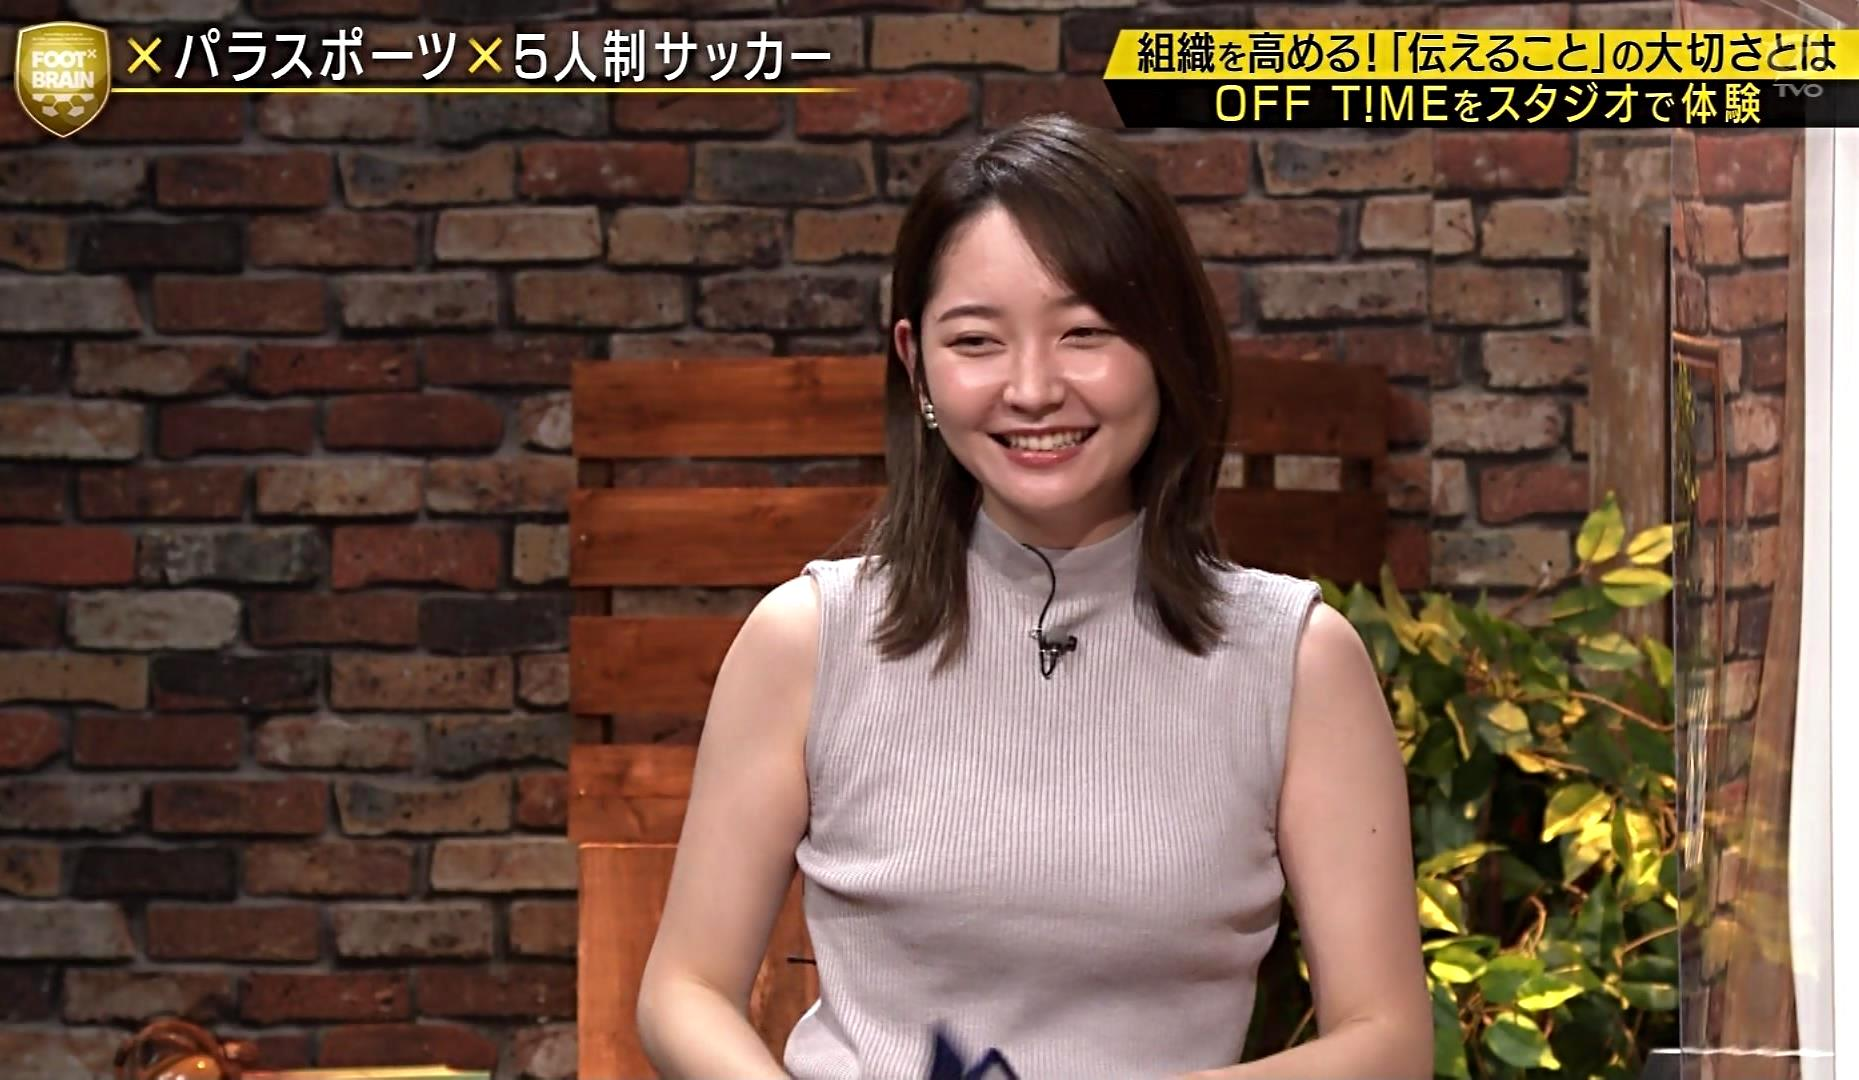 竹崎由佳の目隠し腋魅せ (9)